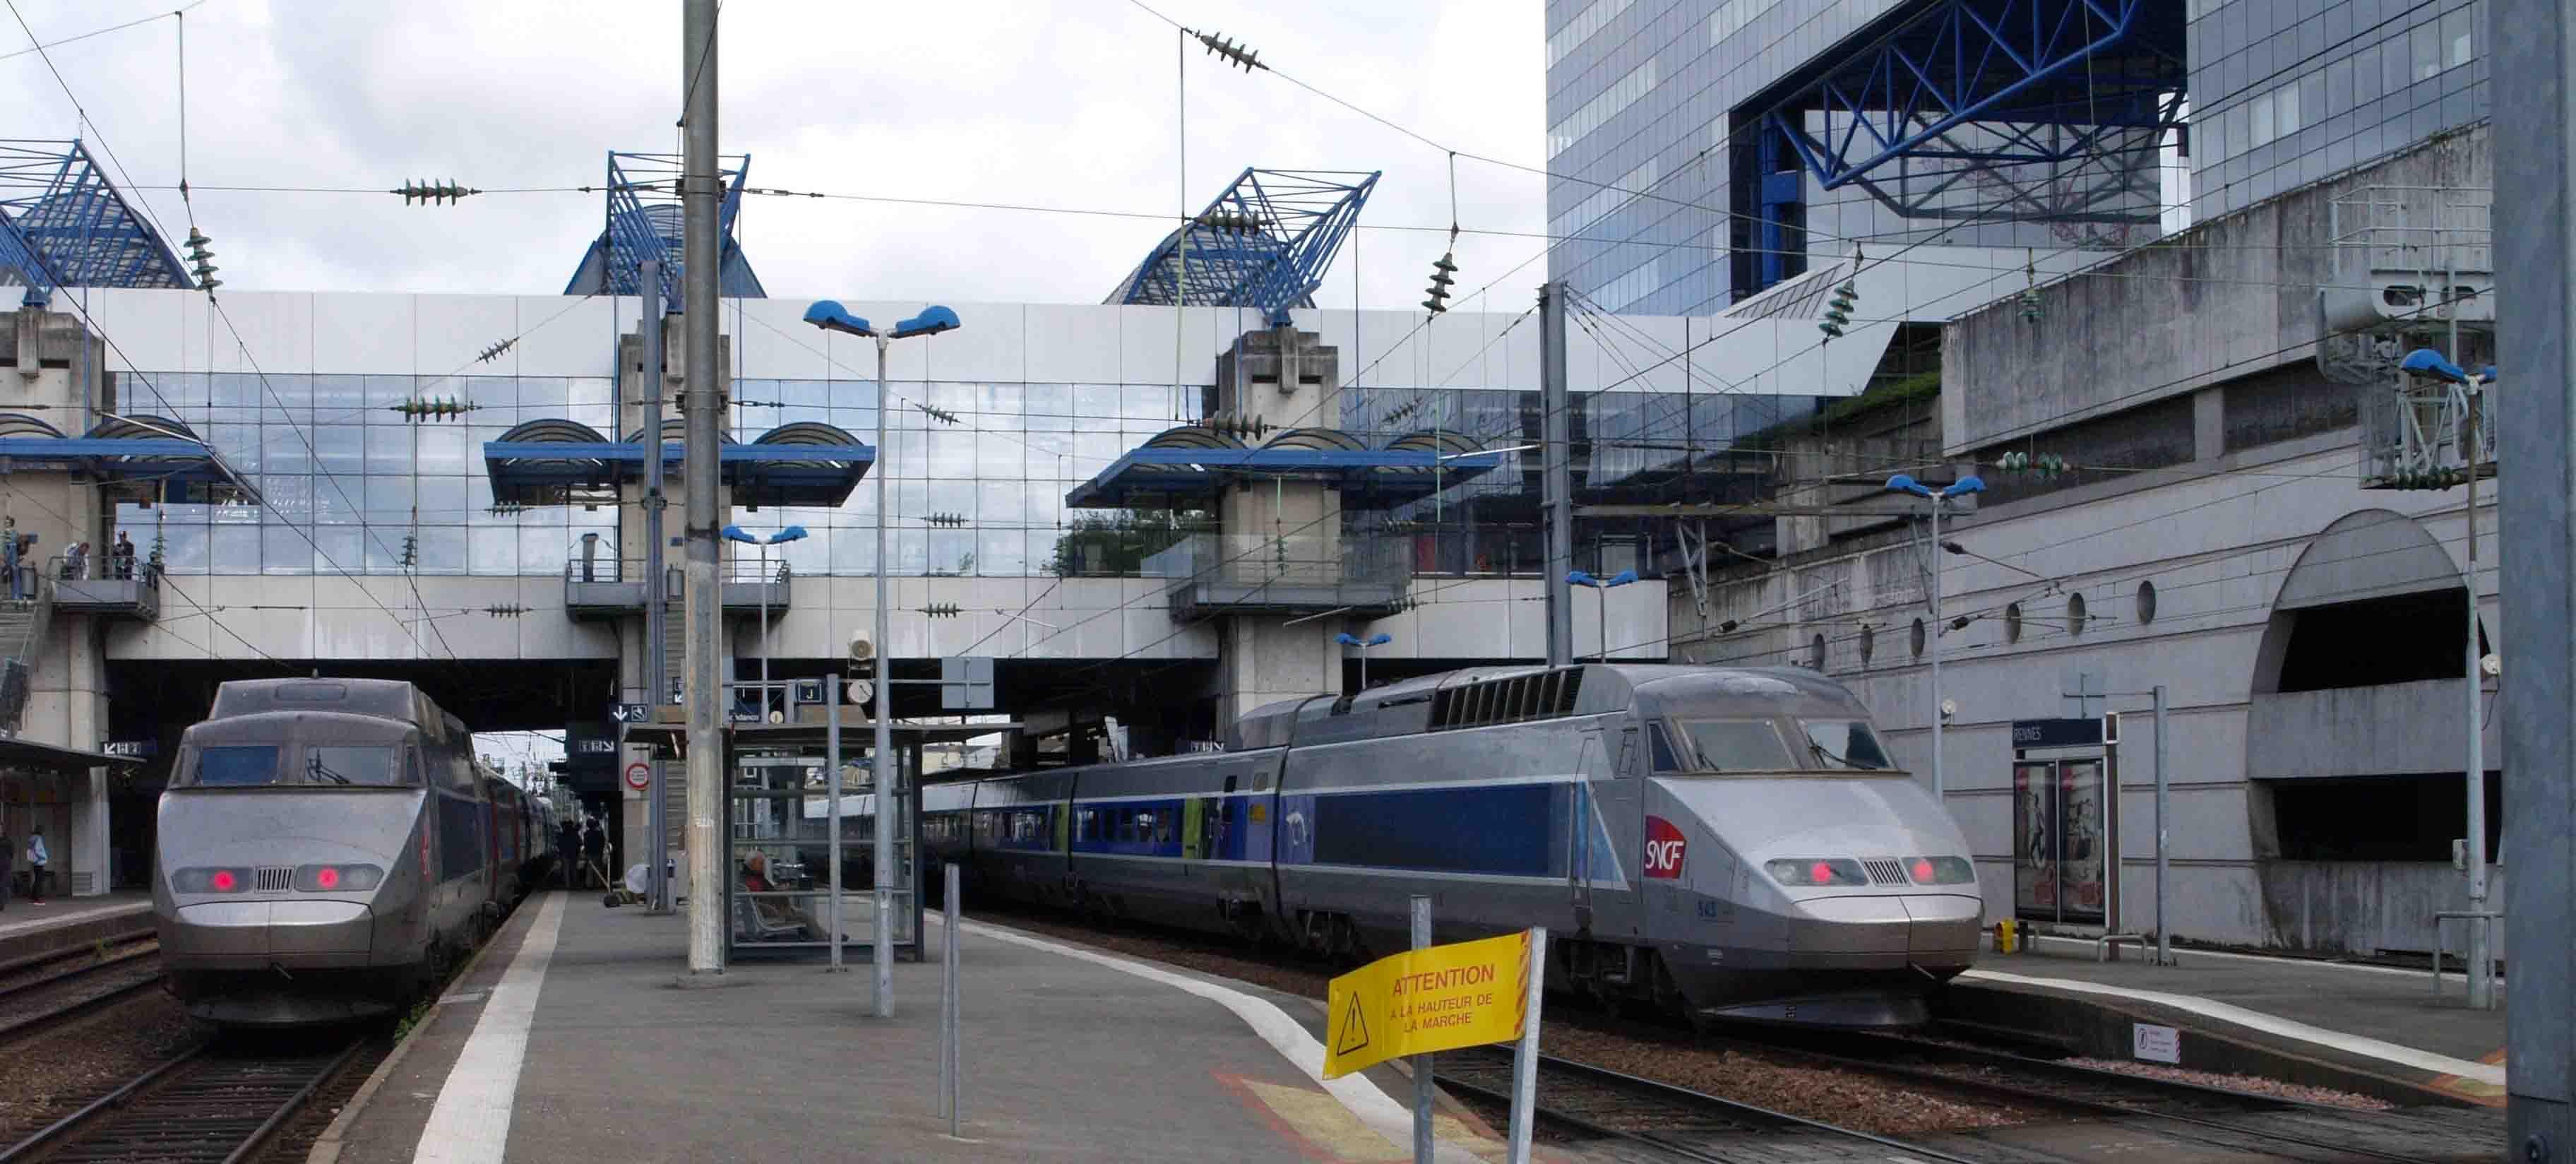 Gare de Rennes Ouigo Montparnasse